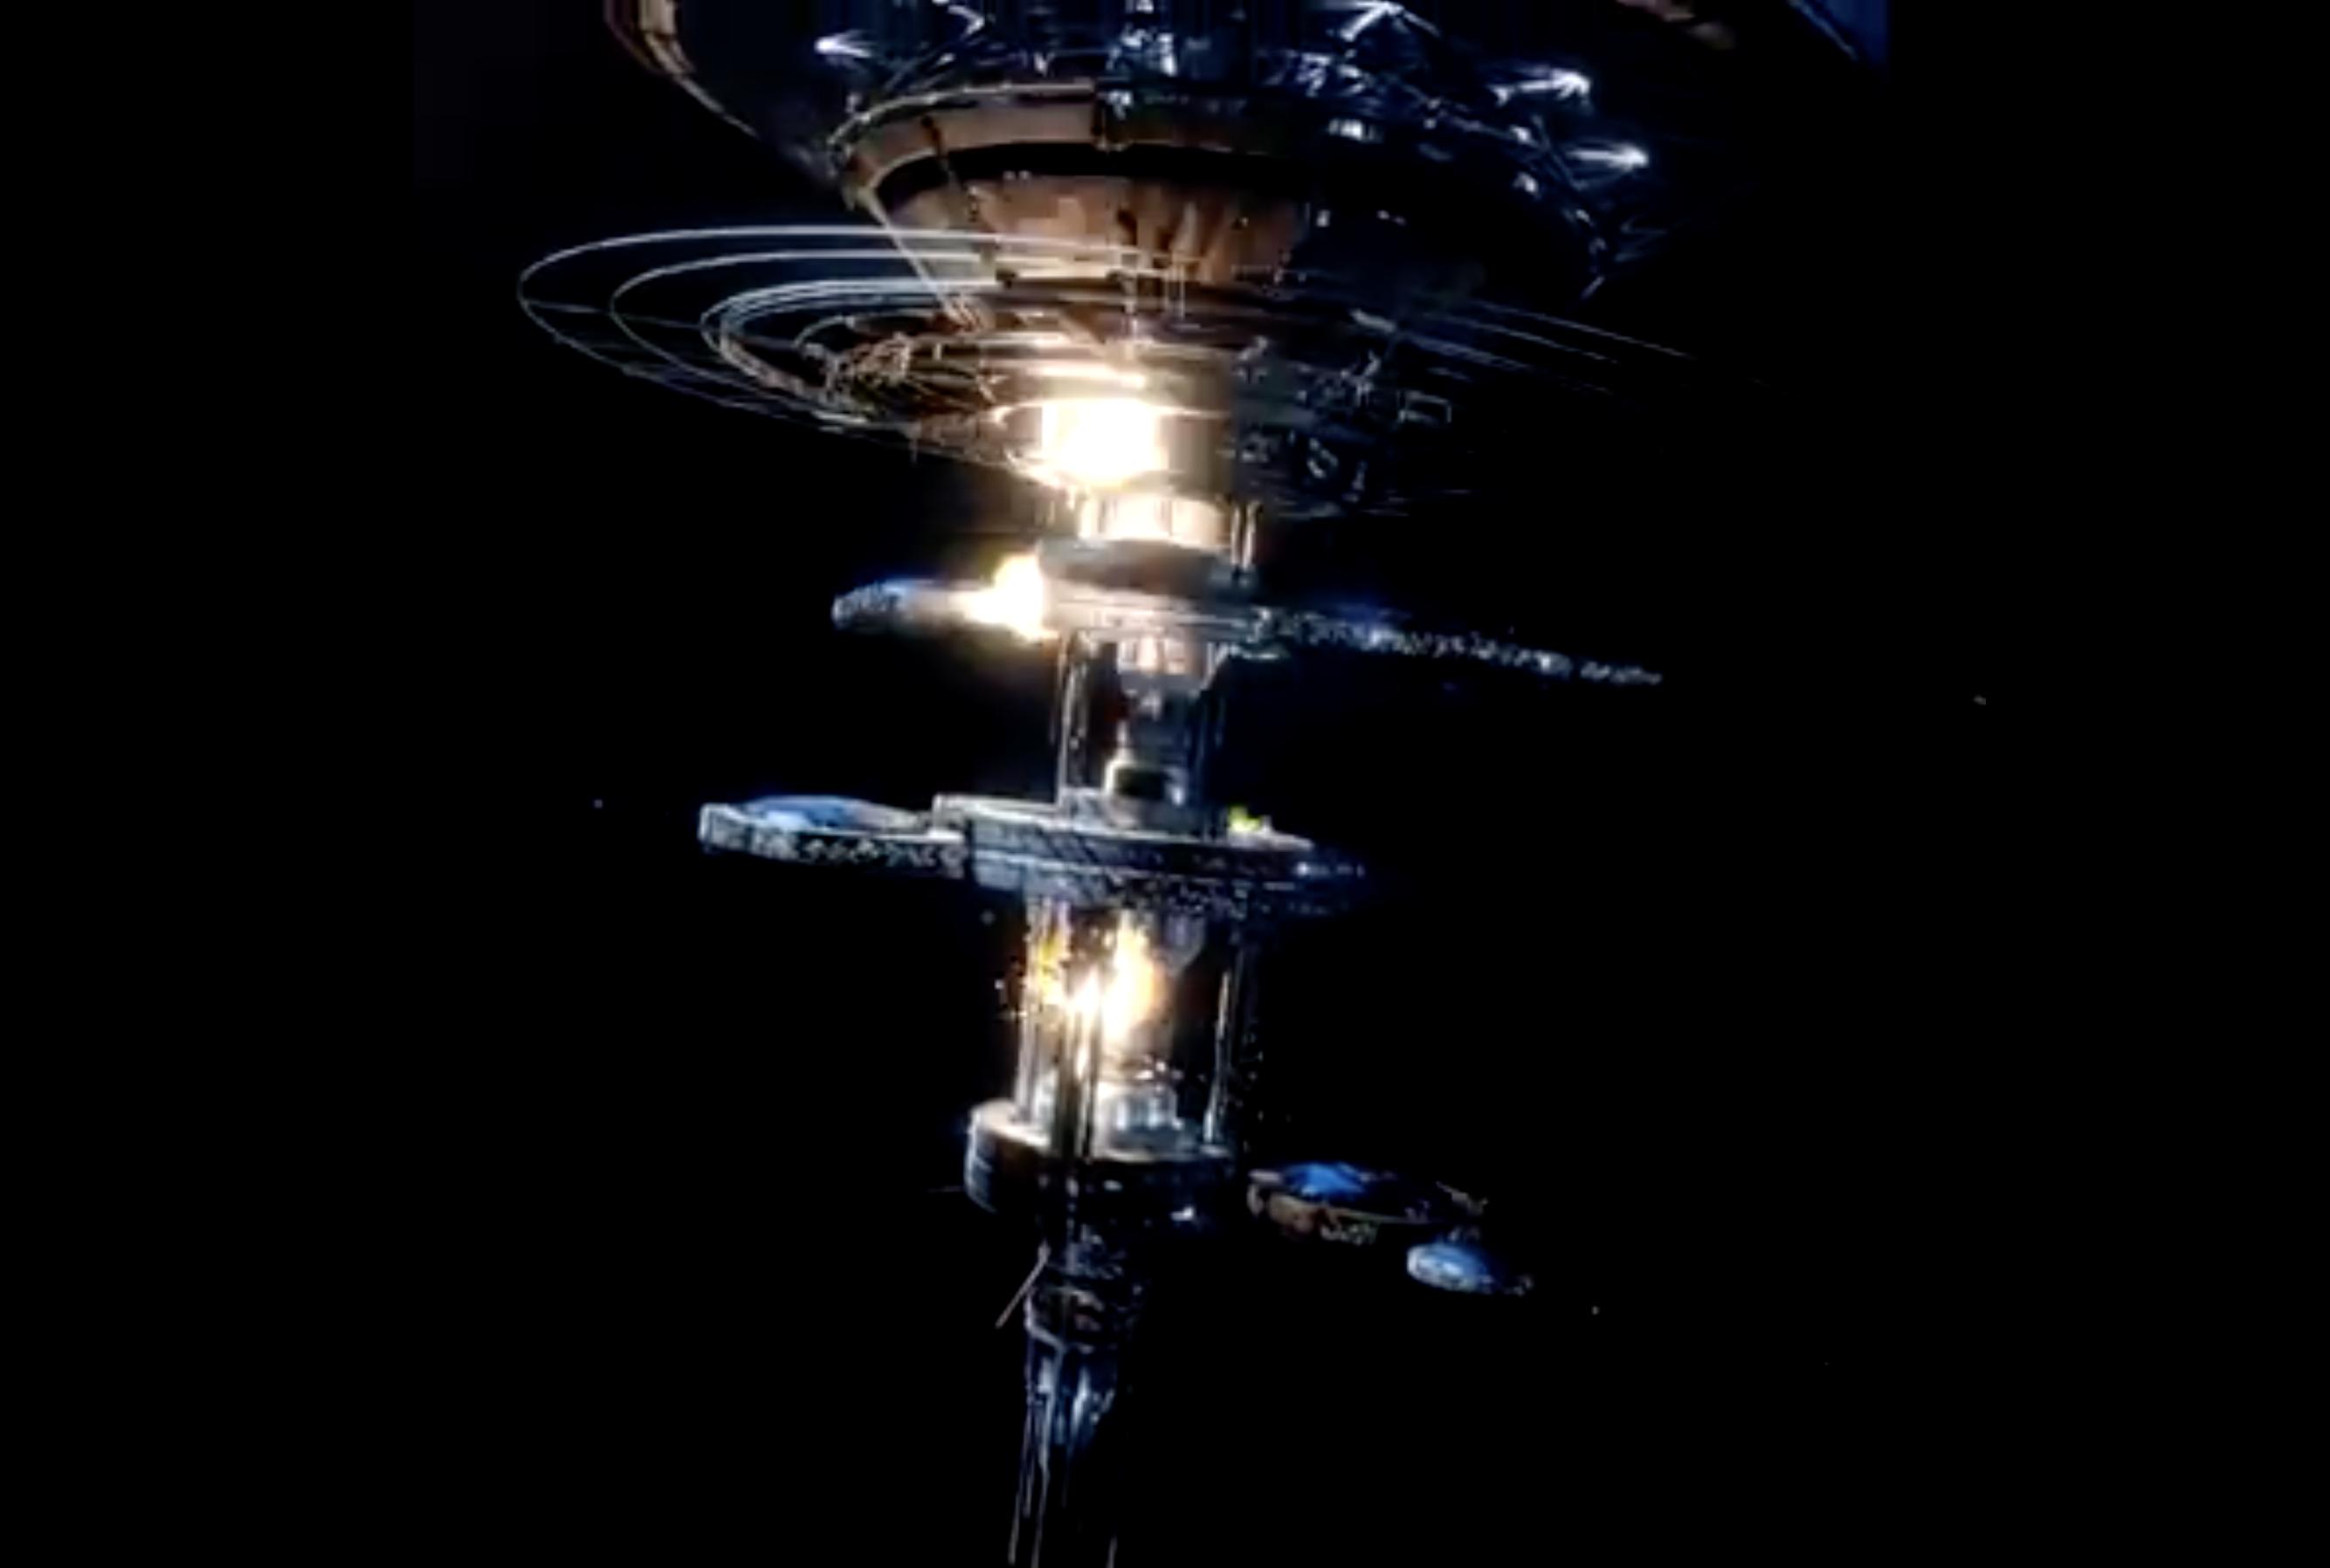 dark matter space station - photo #11